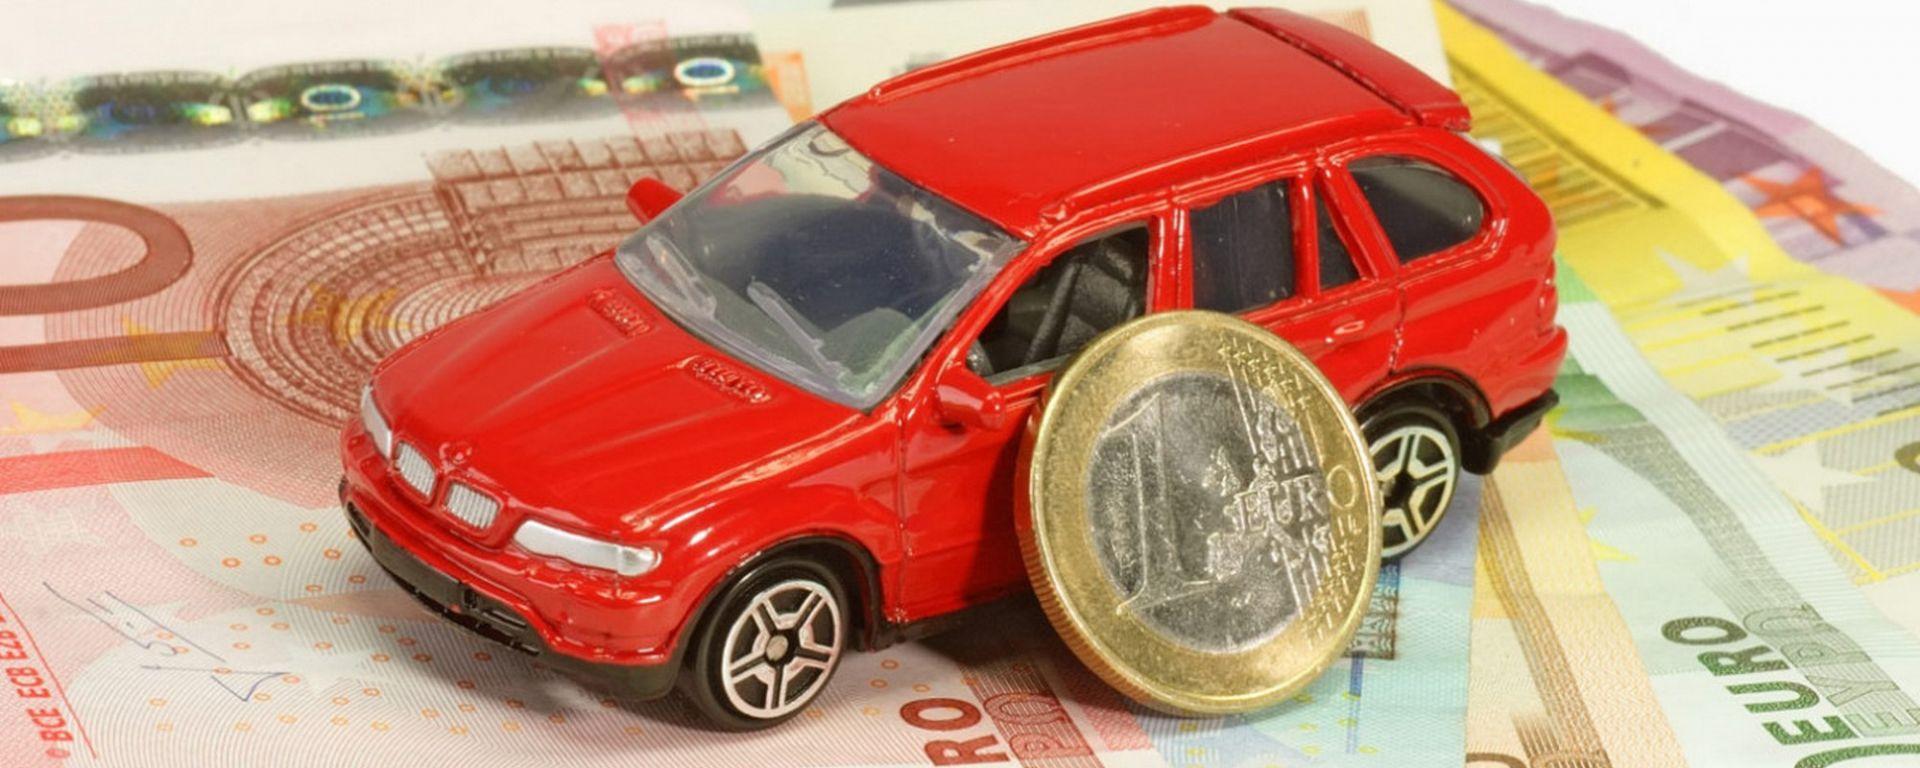 come risparmiare sull'assicurazione rc auto in 10 mosse. i